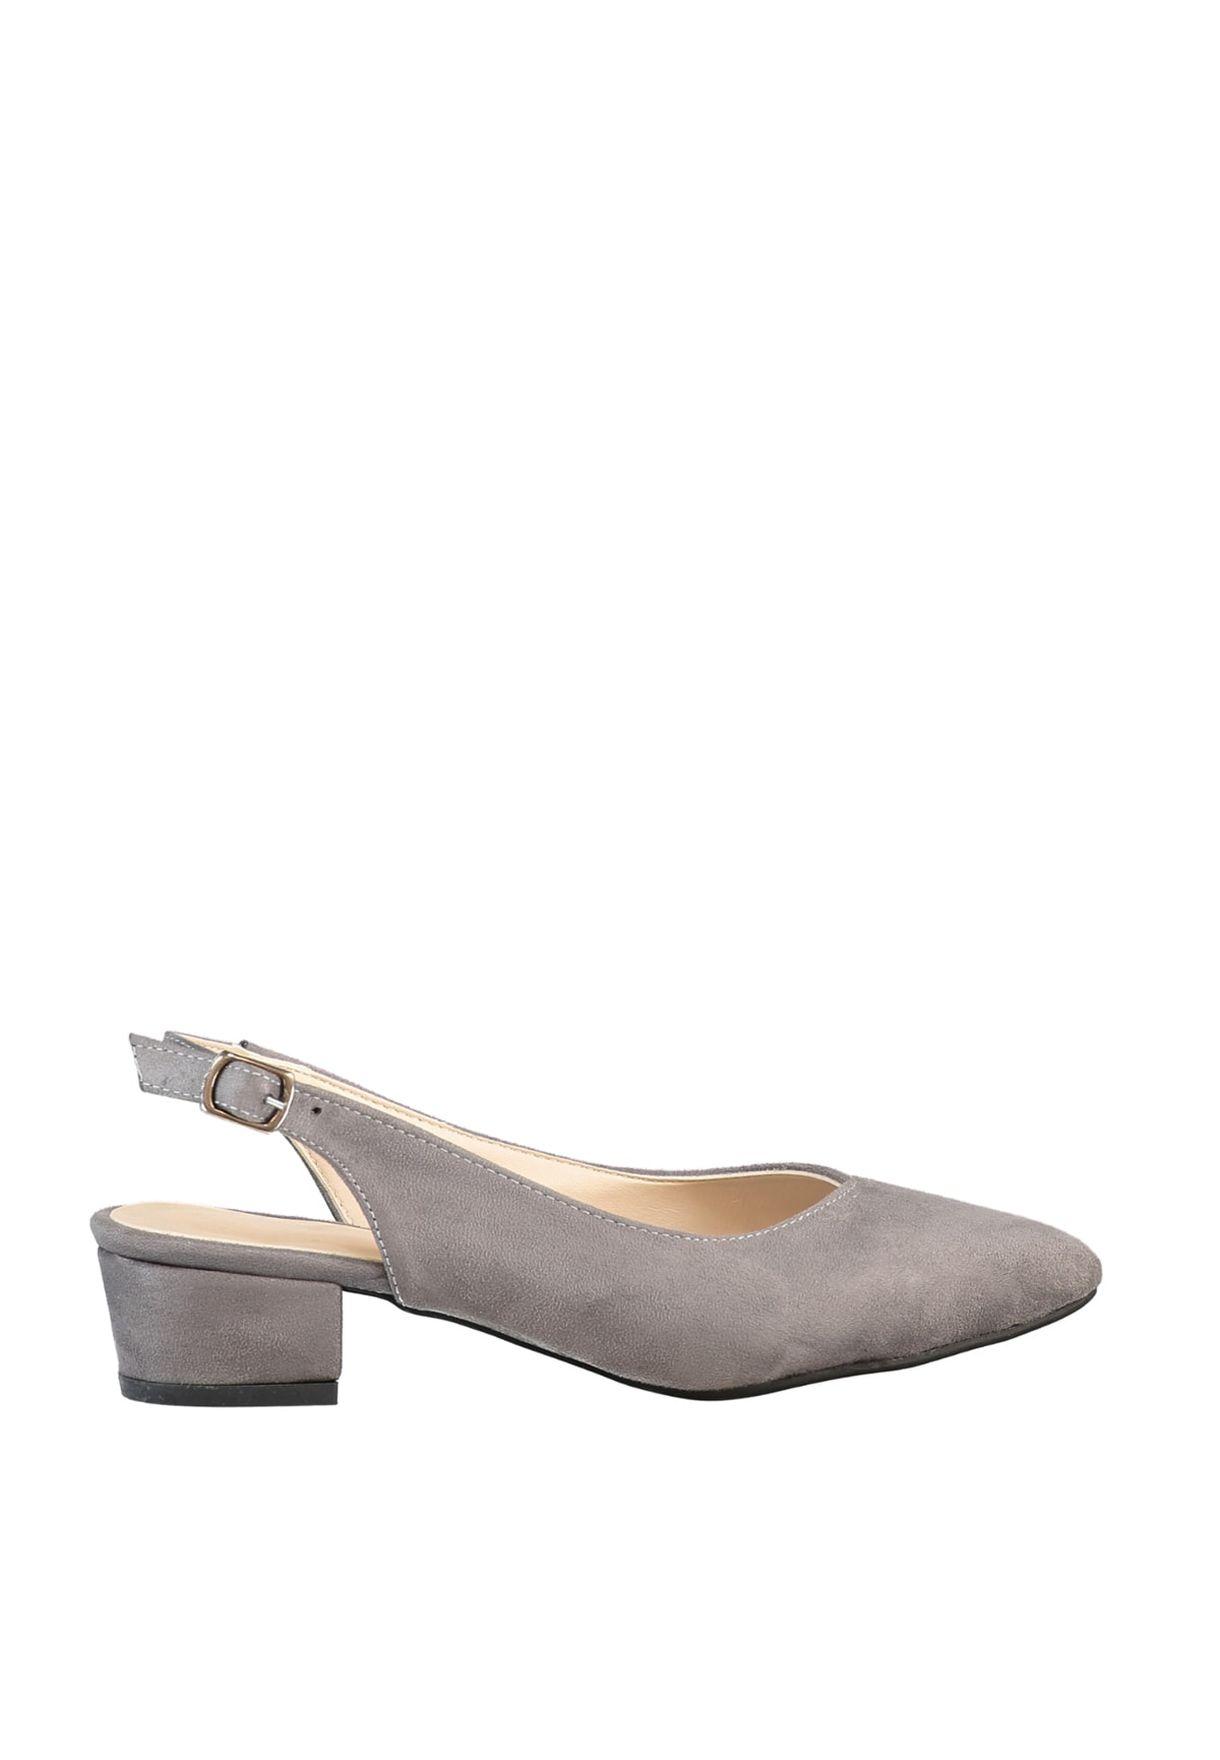 Trendyol Sling Back Block Heel Pump - Brand Shoes